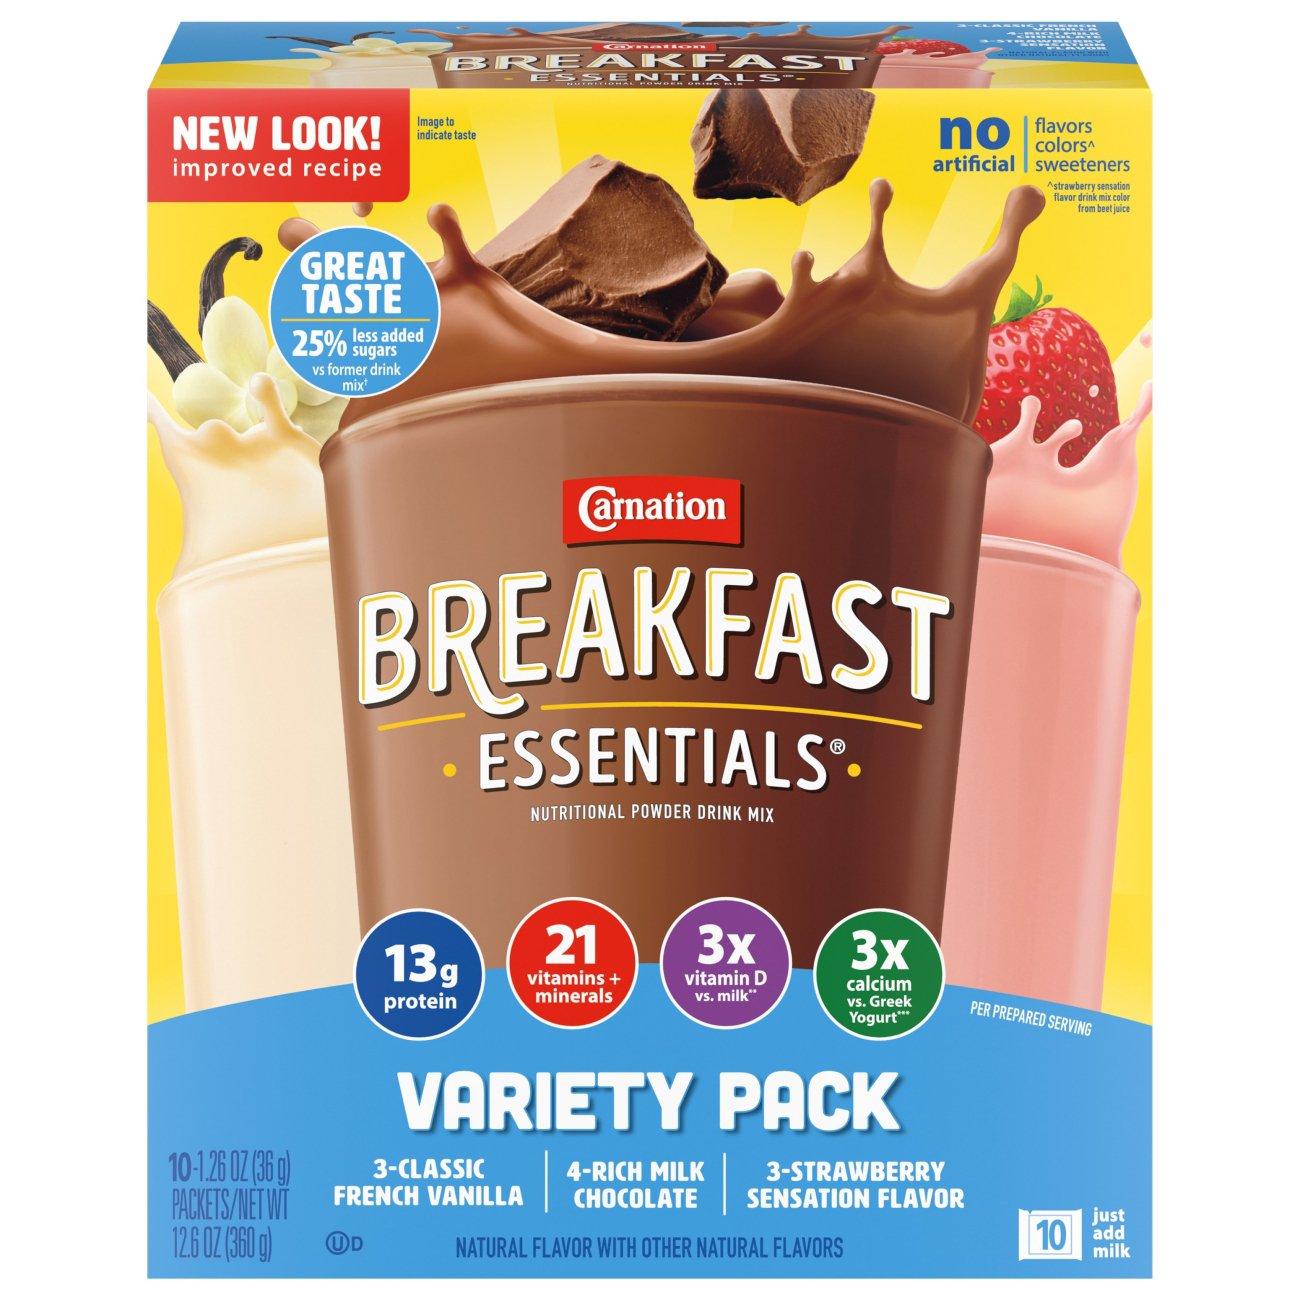 Carnation Breakfast Essentials Variety